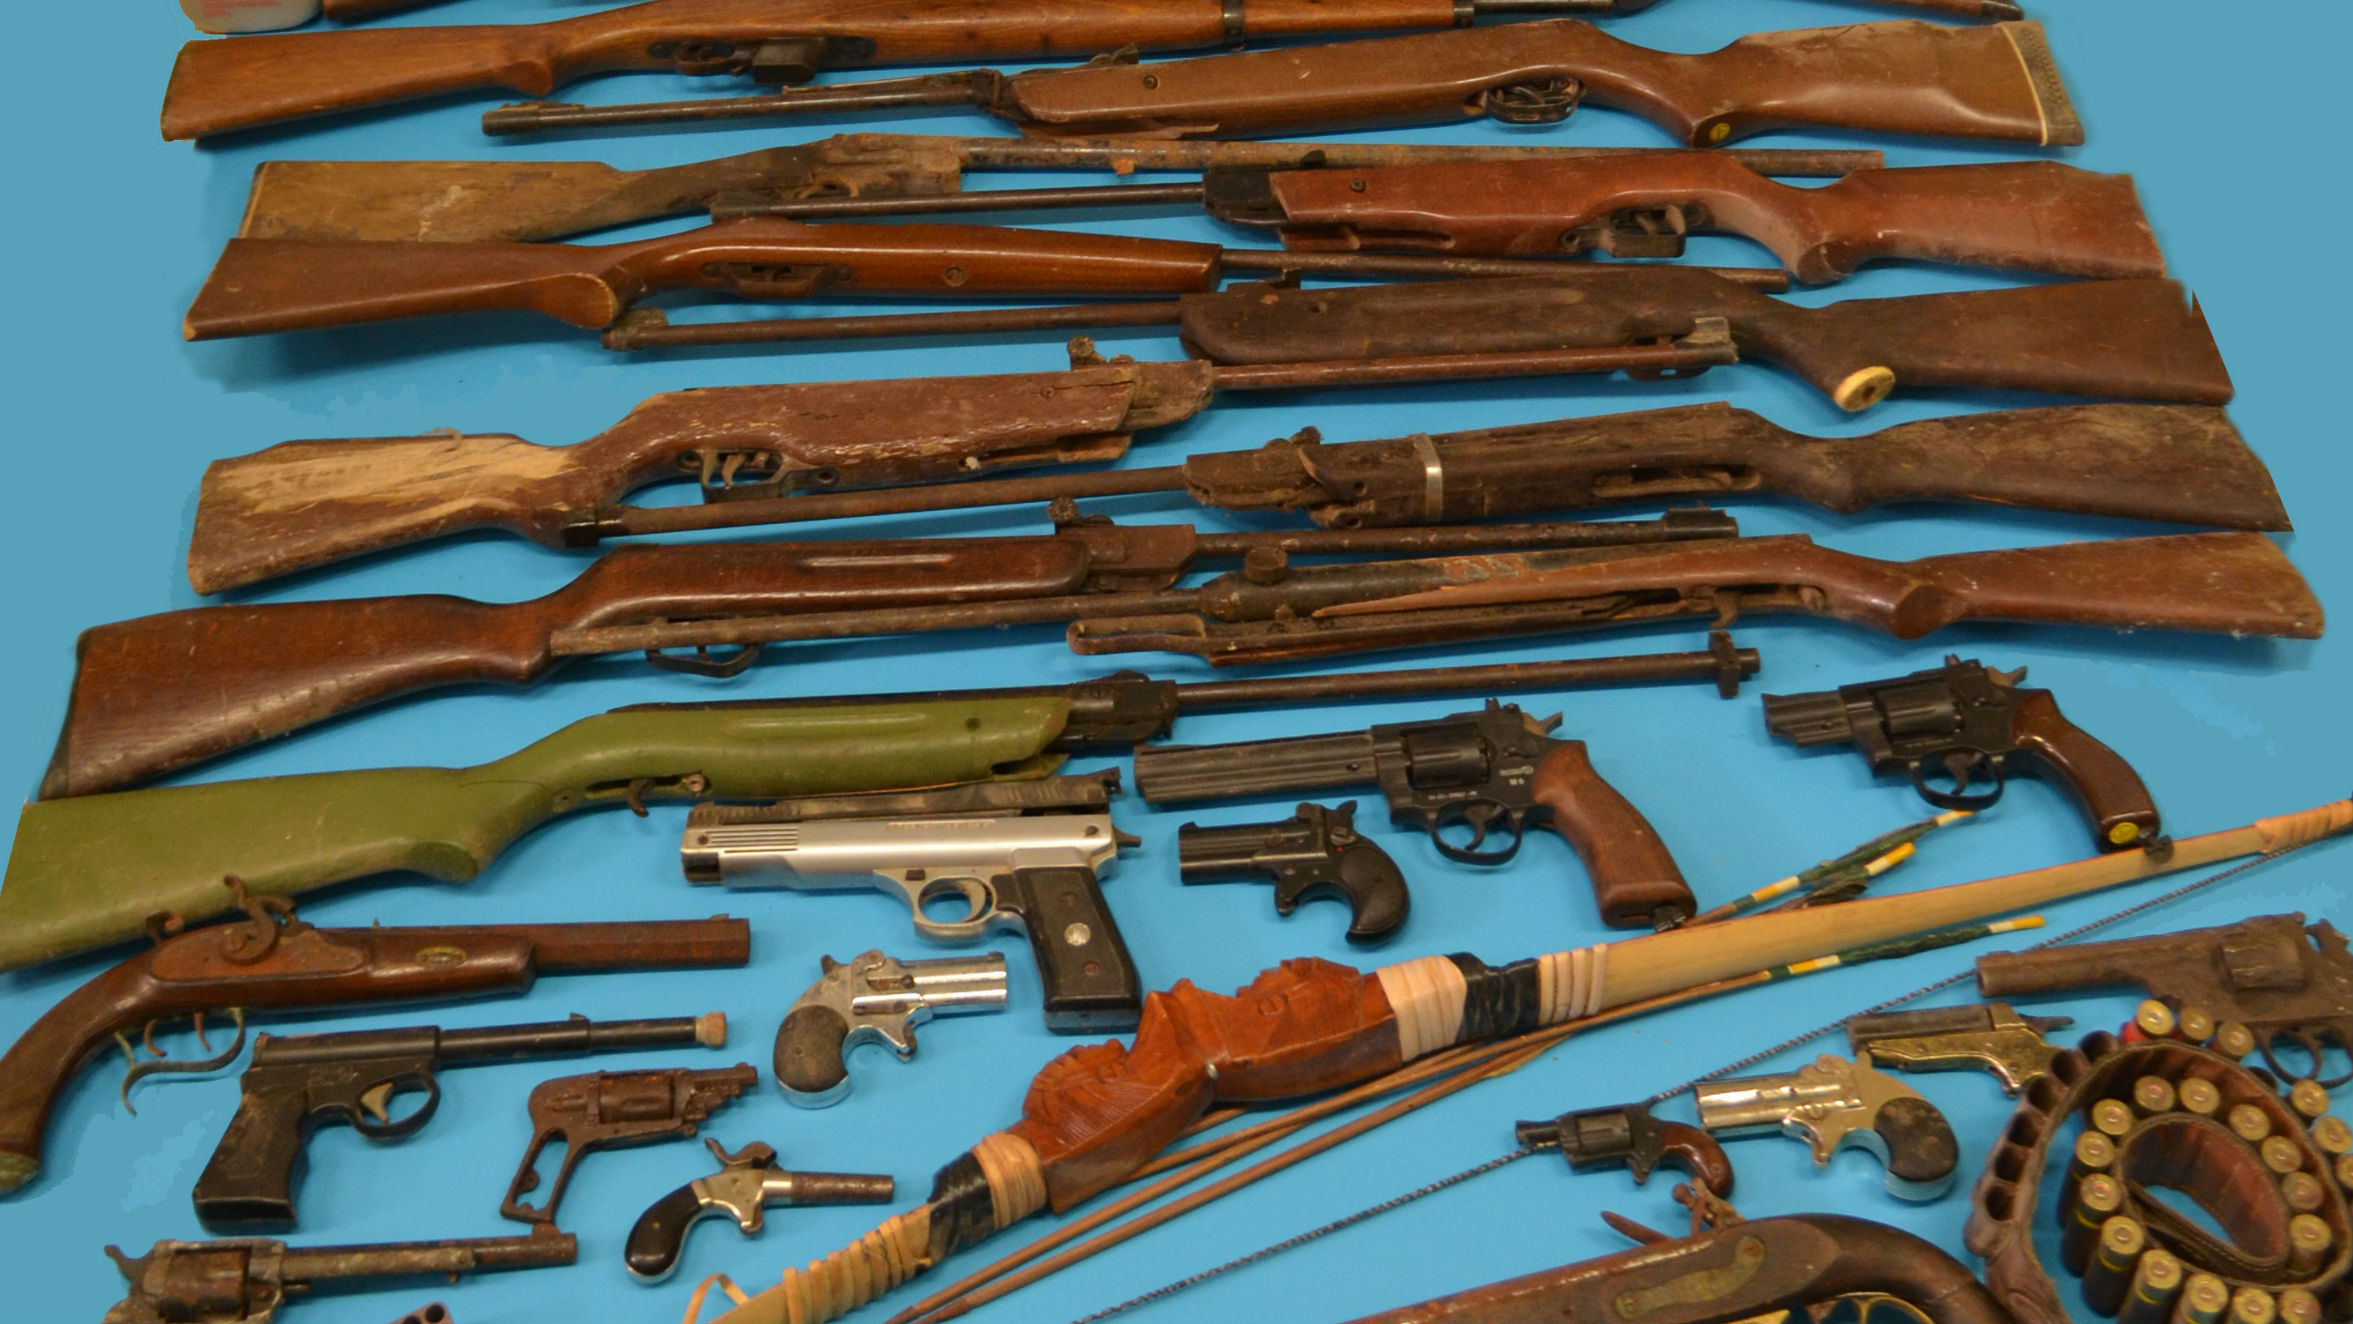 Armas encontradas en la vivienda de Linares